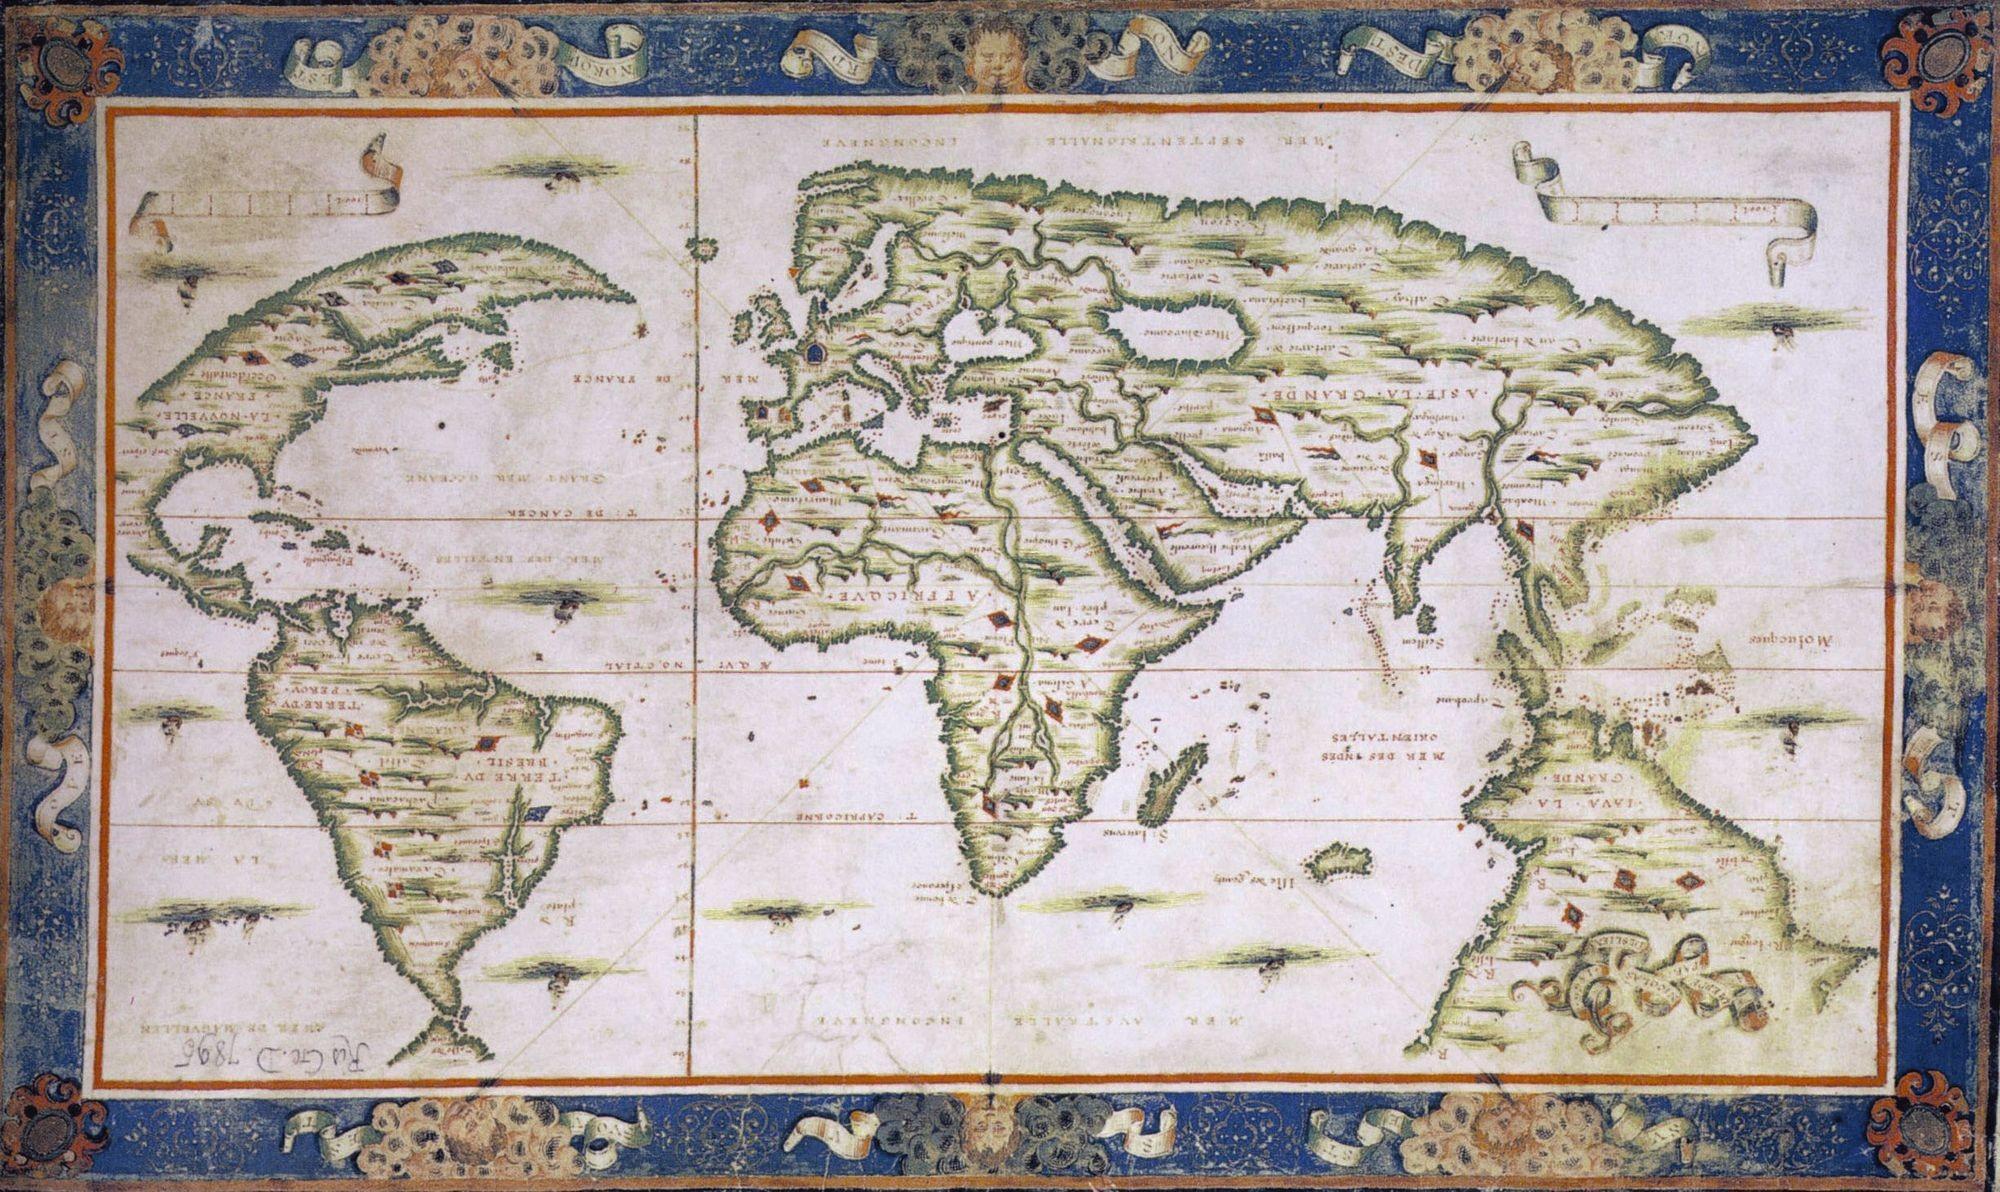 Nicolas Desliens, carte du monde, 1566